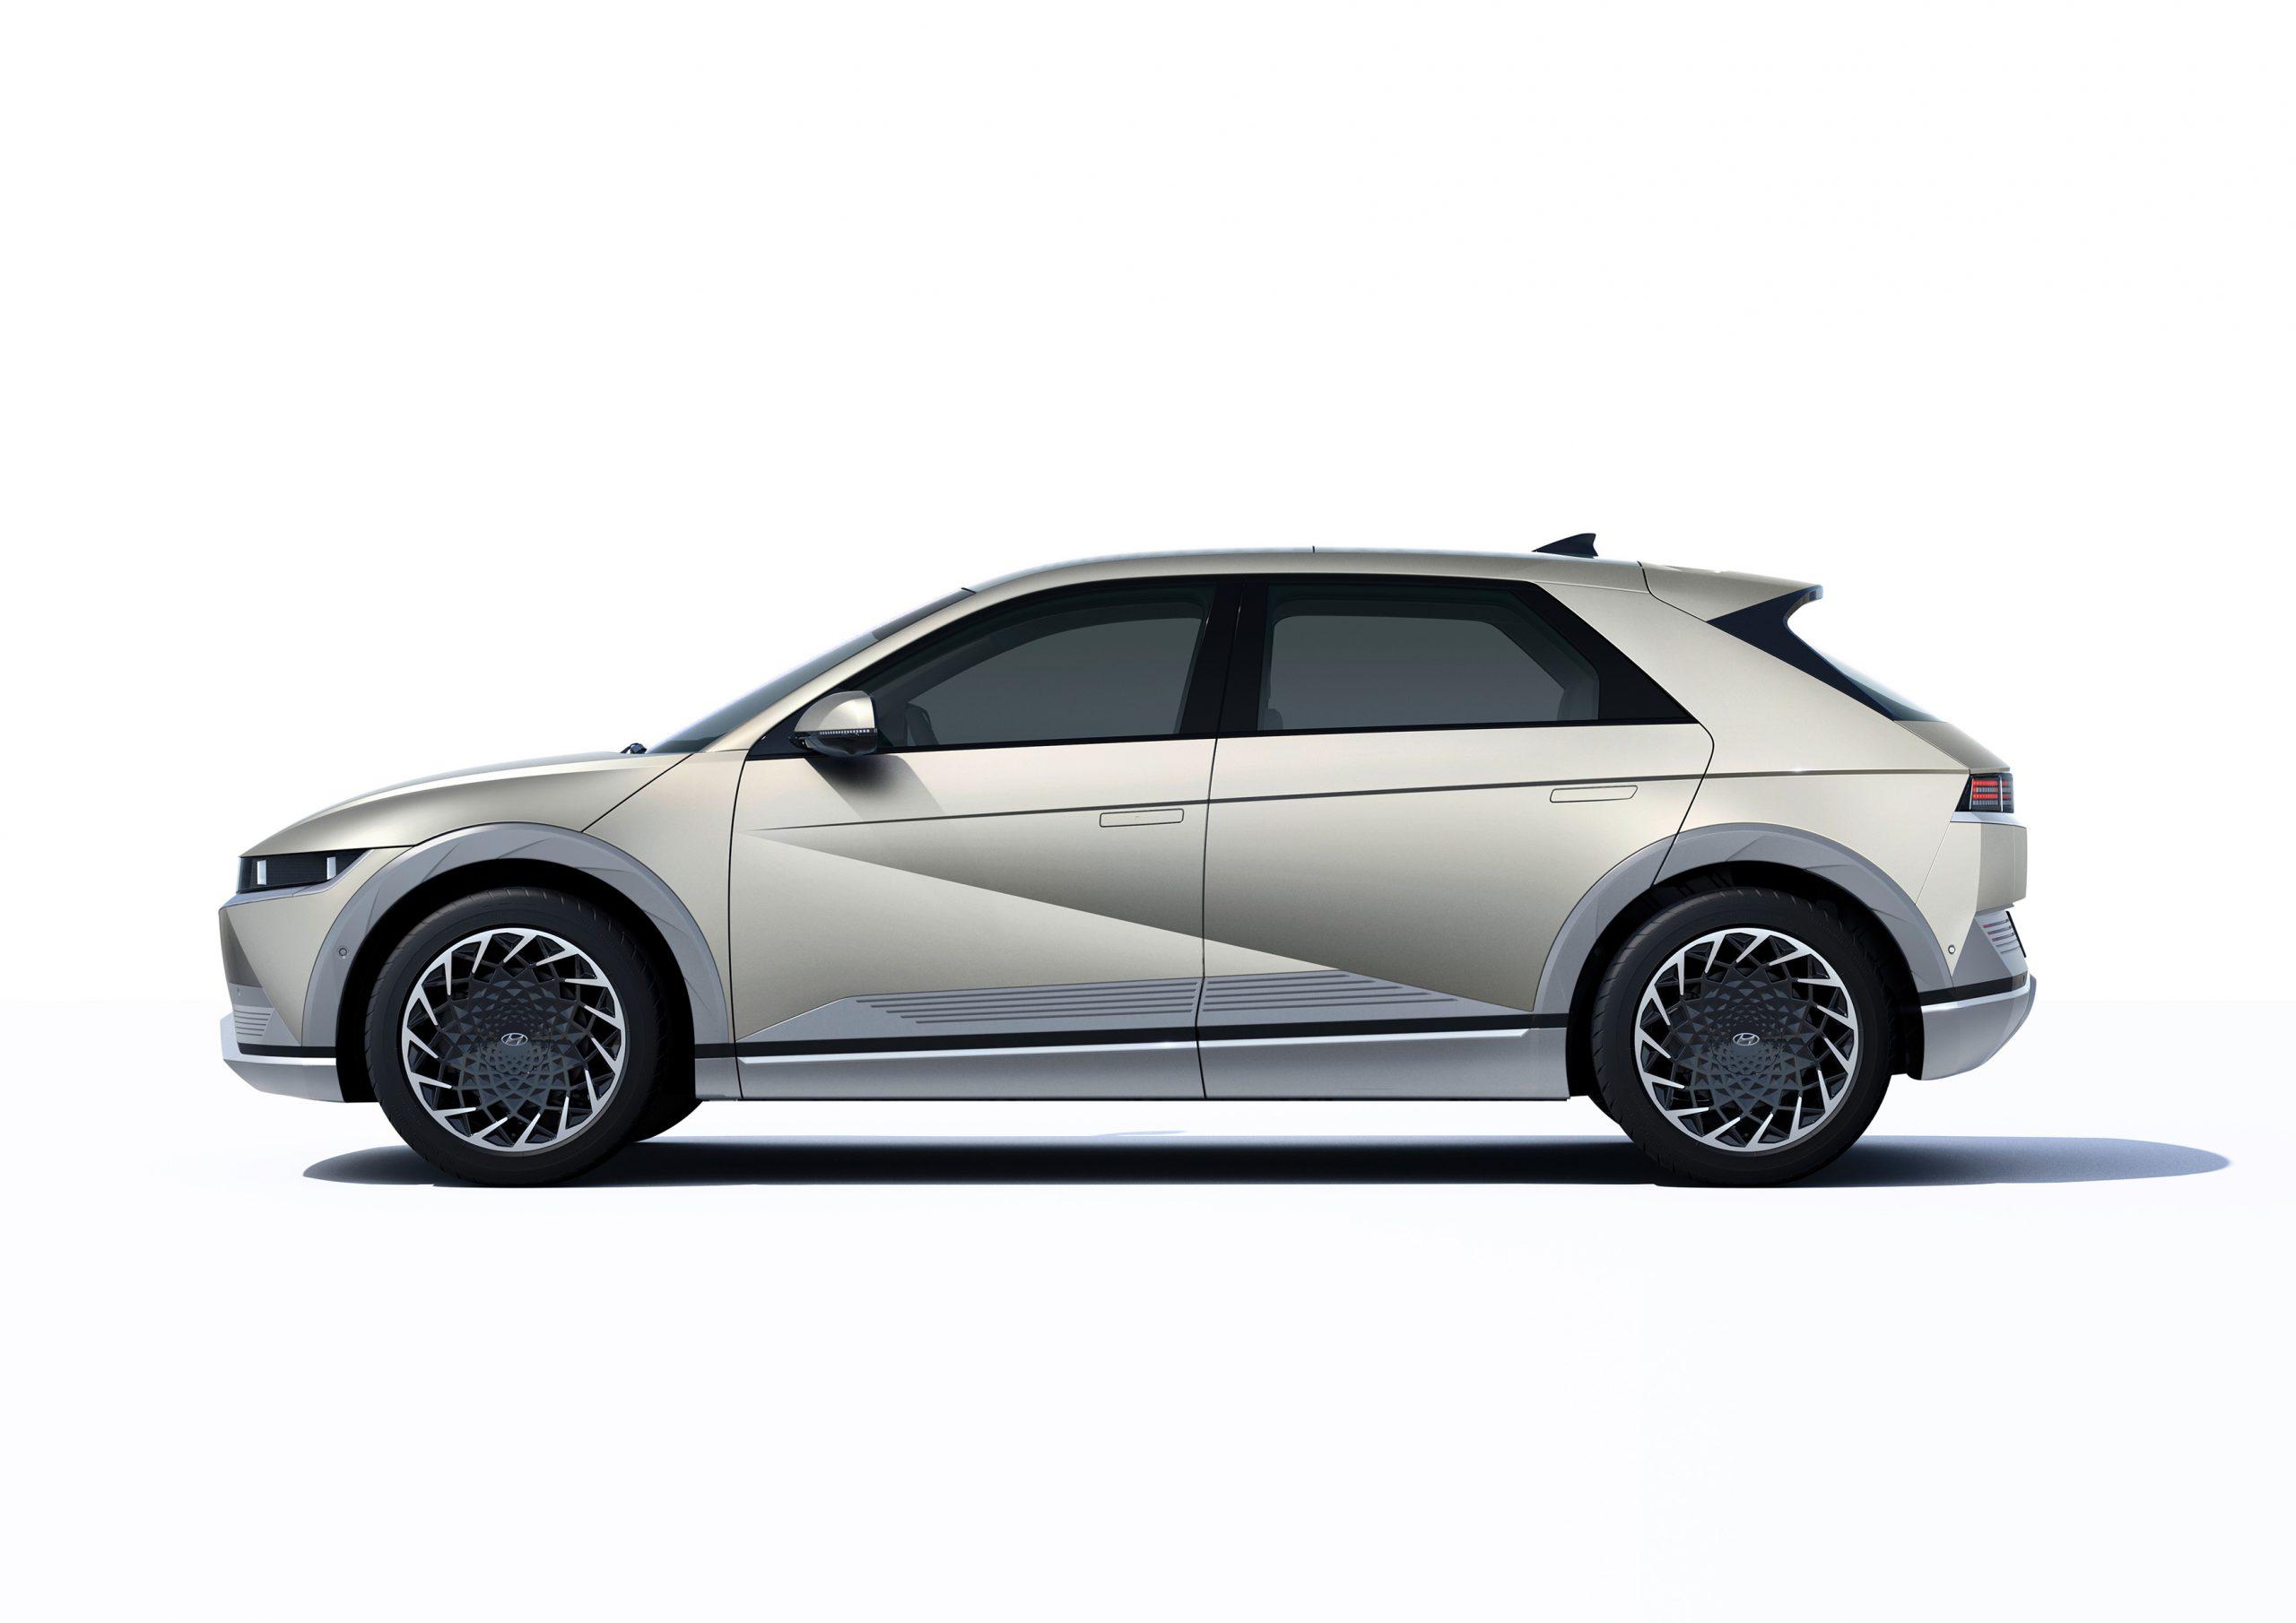 Hyundai IONIQ 5 studio profile